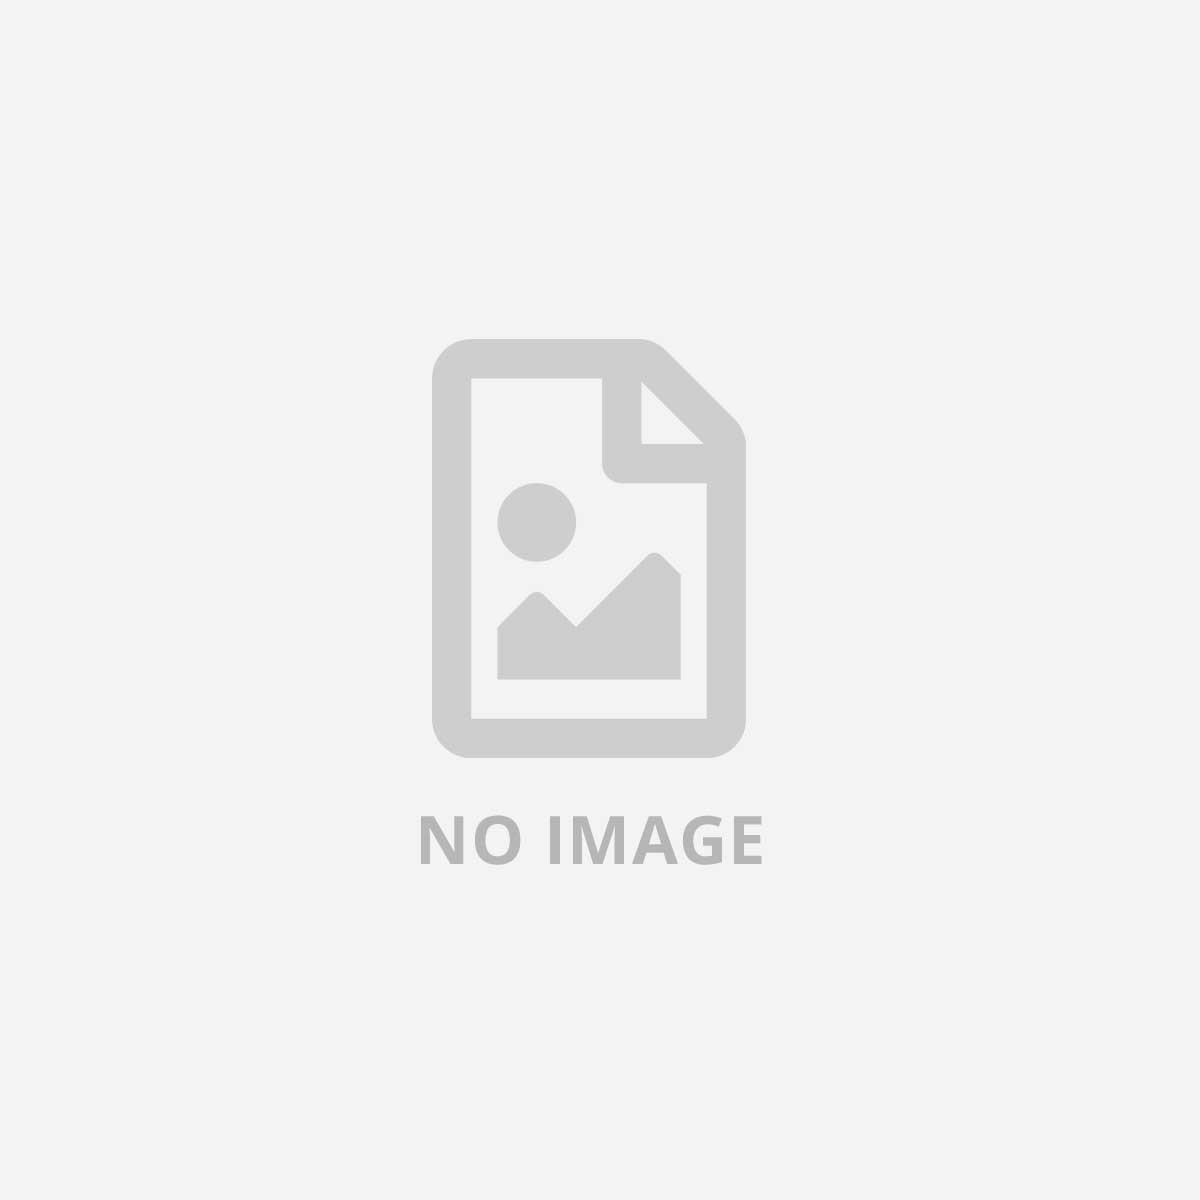 KINGSTON 32GB MICSD CANVAS SELECT PLUS